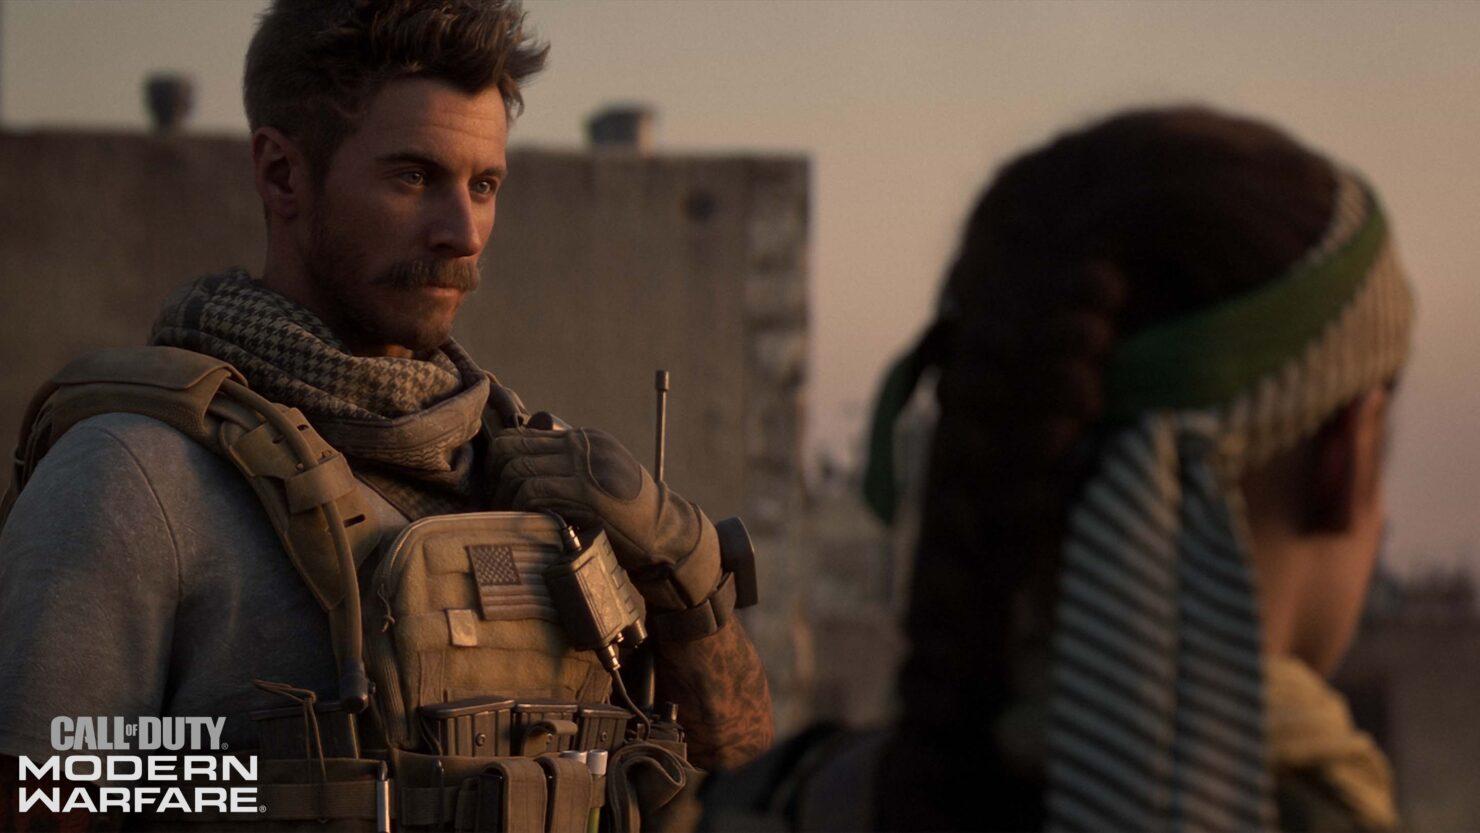 Modern Warfare Infinity Ward